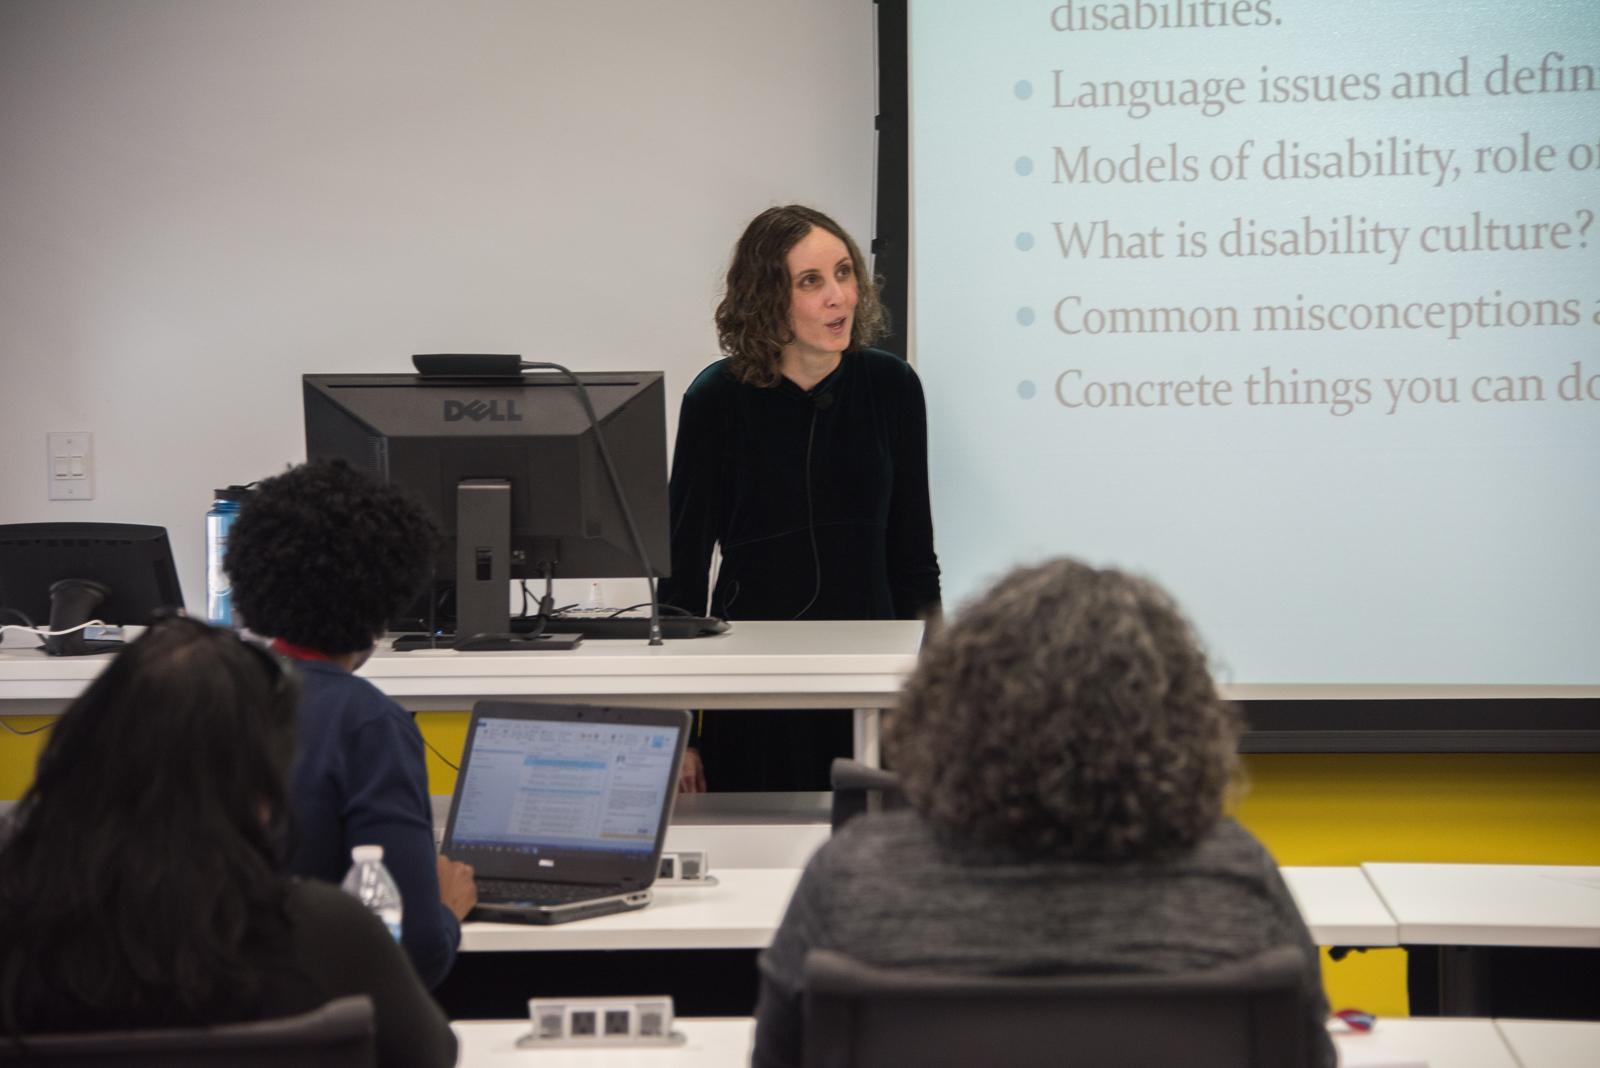 Arielle teaching a class